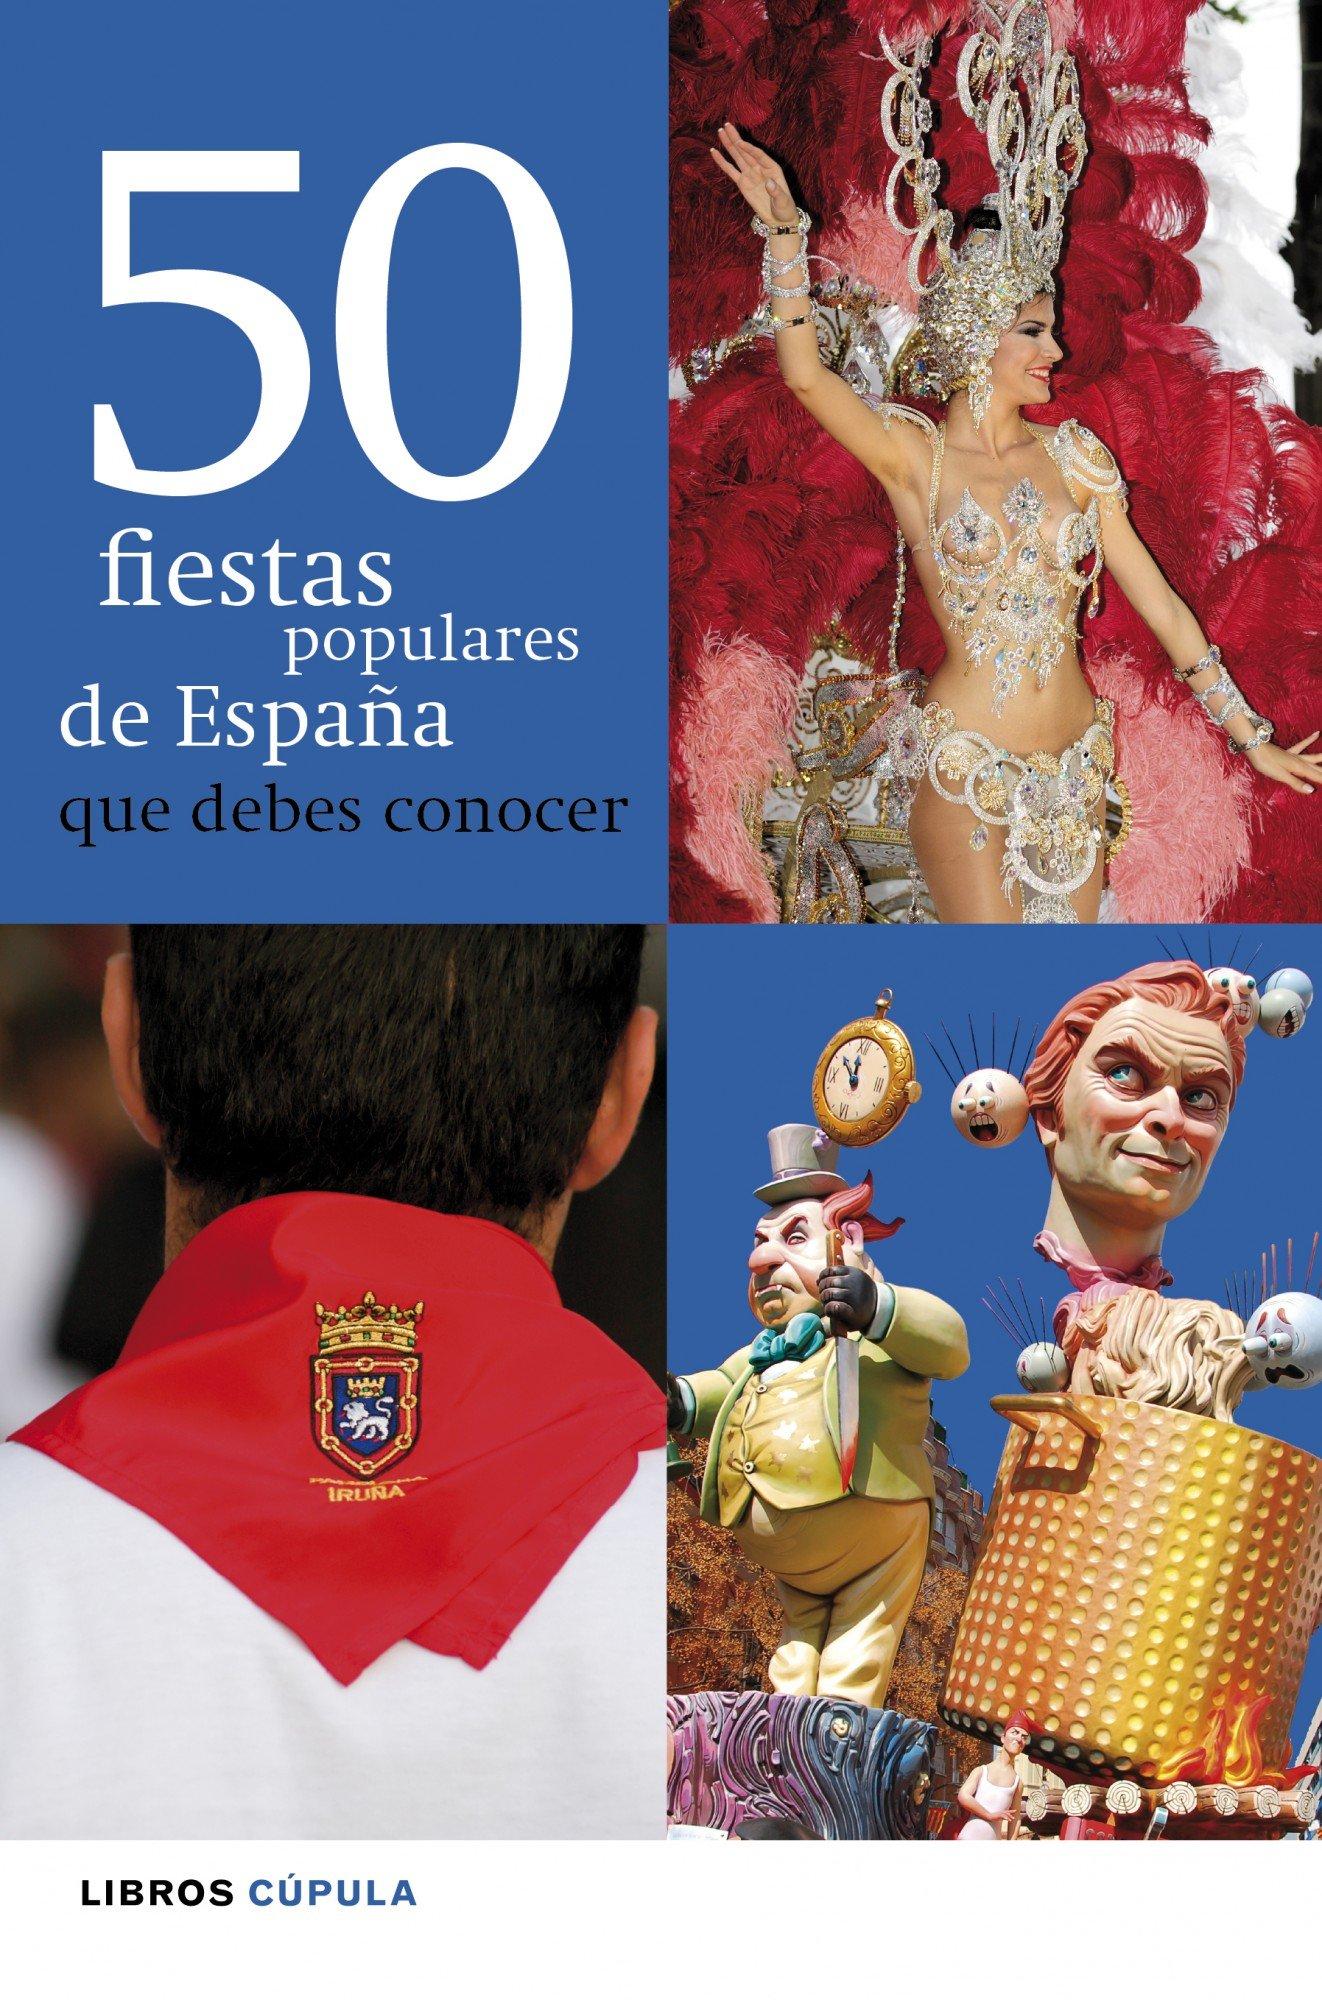 50 fiestas populares de España que debes conocer: Amazon.es: Calonge Cebrián, Laura: Libros